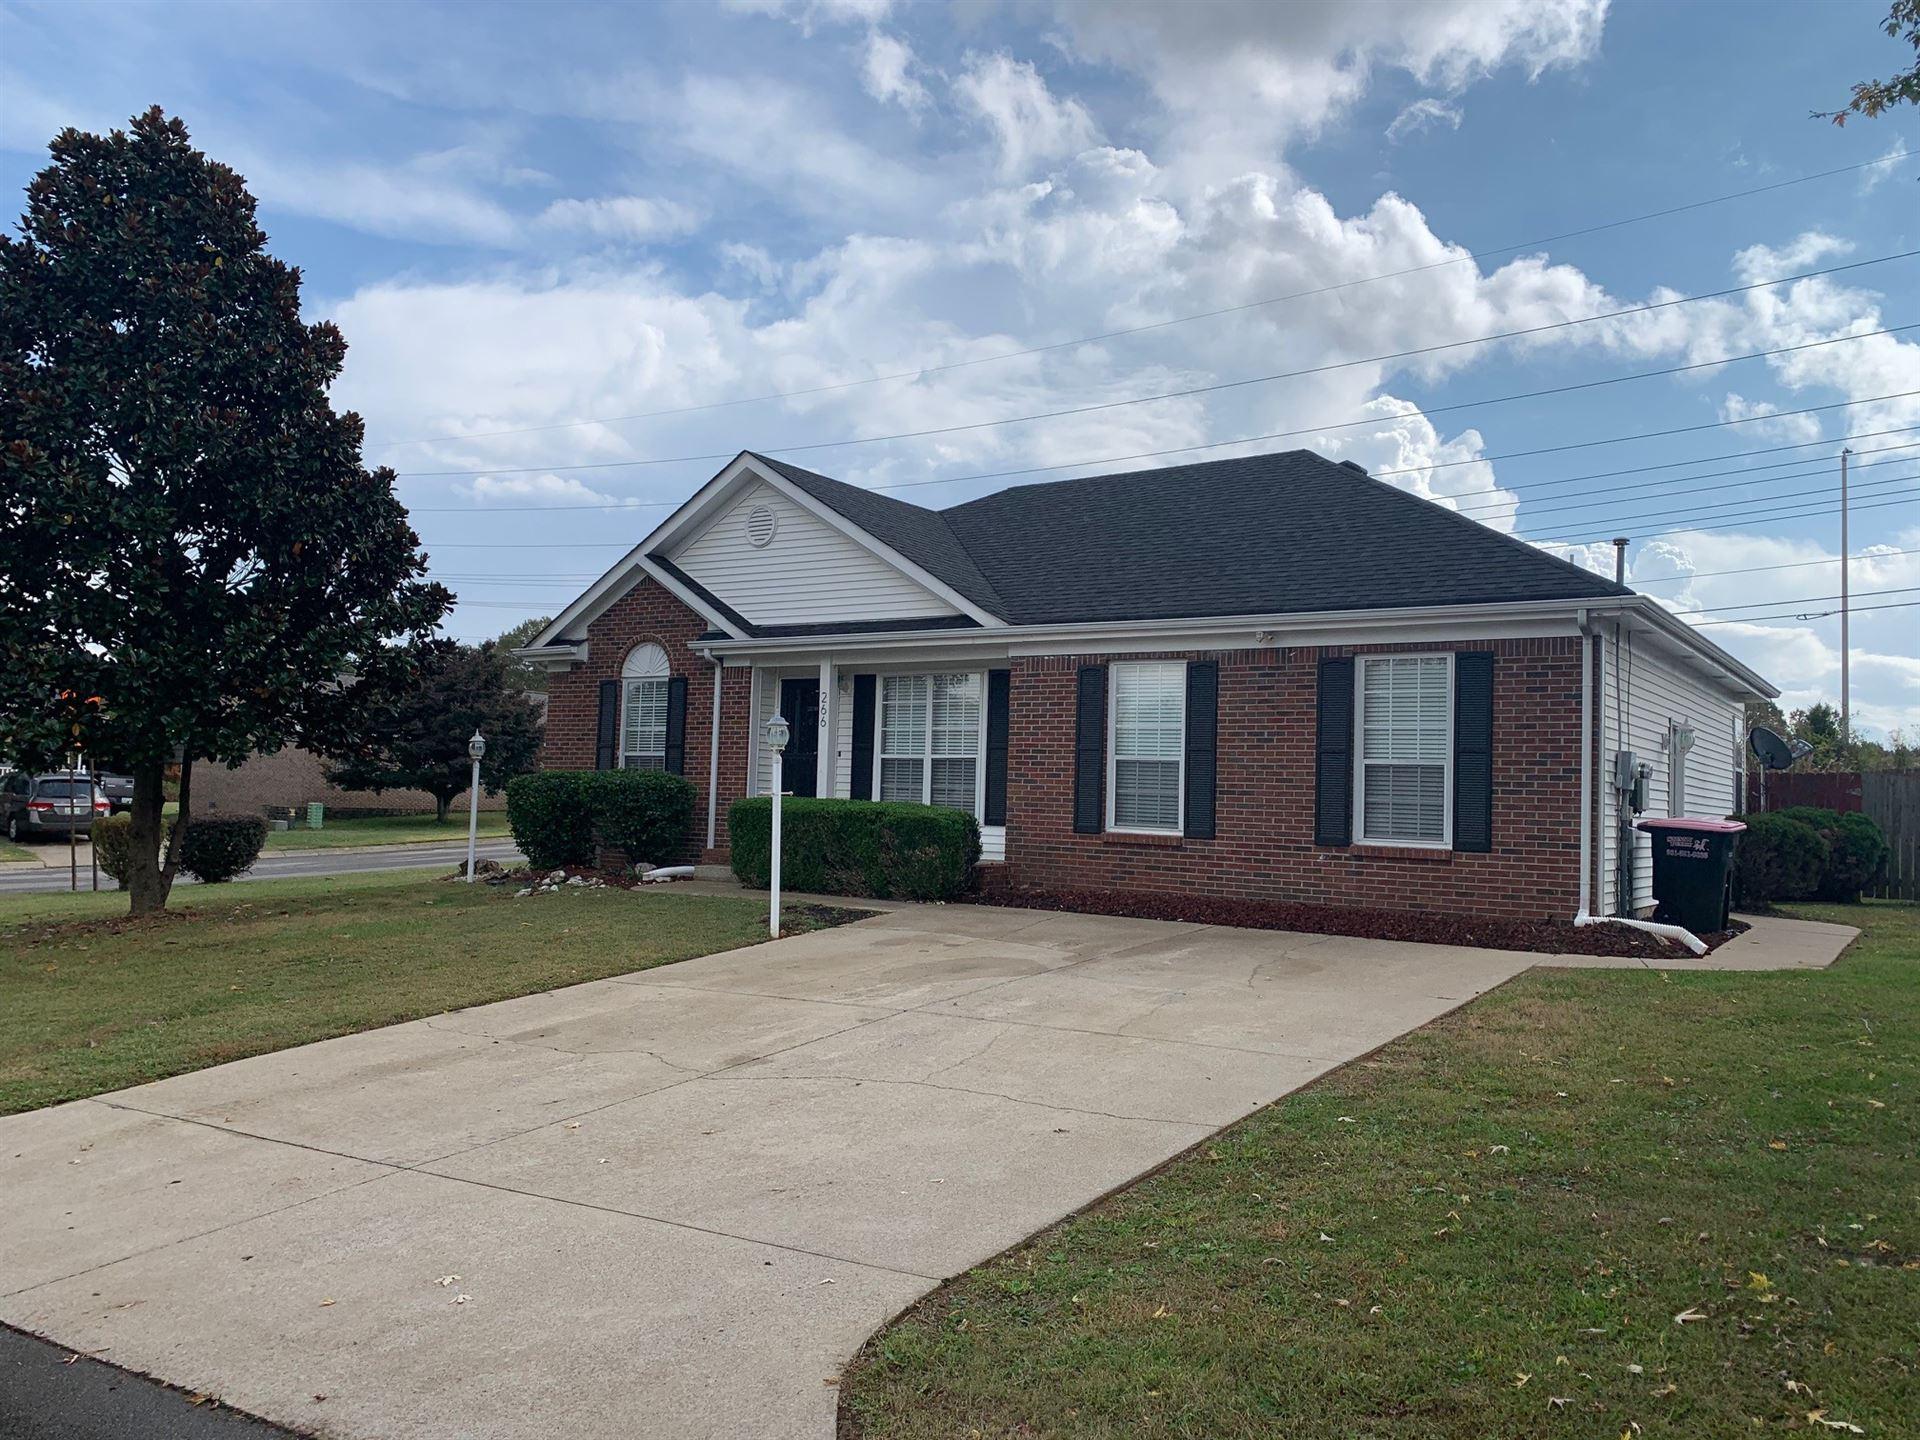 266 Grassmire Dr, Clarksville, TN 37042 - MLS#: 2201270